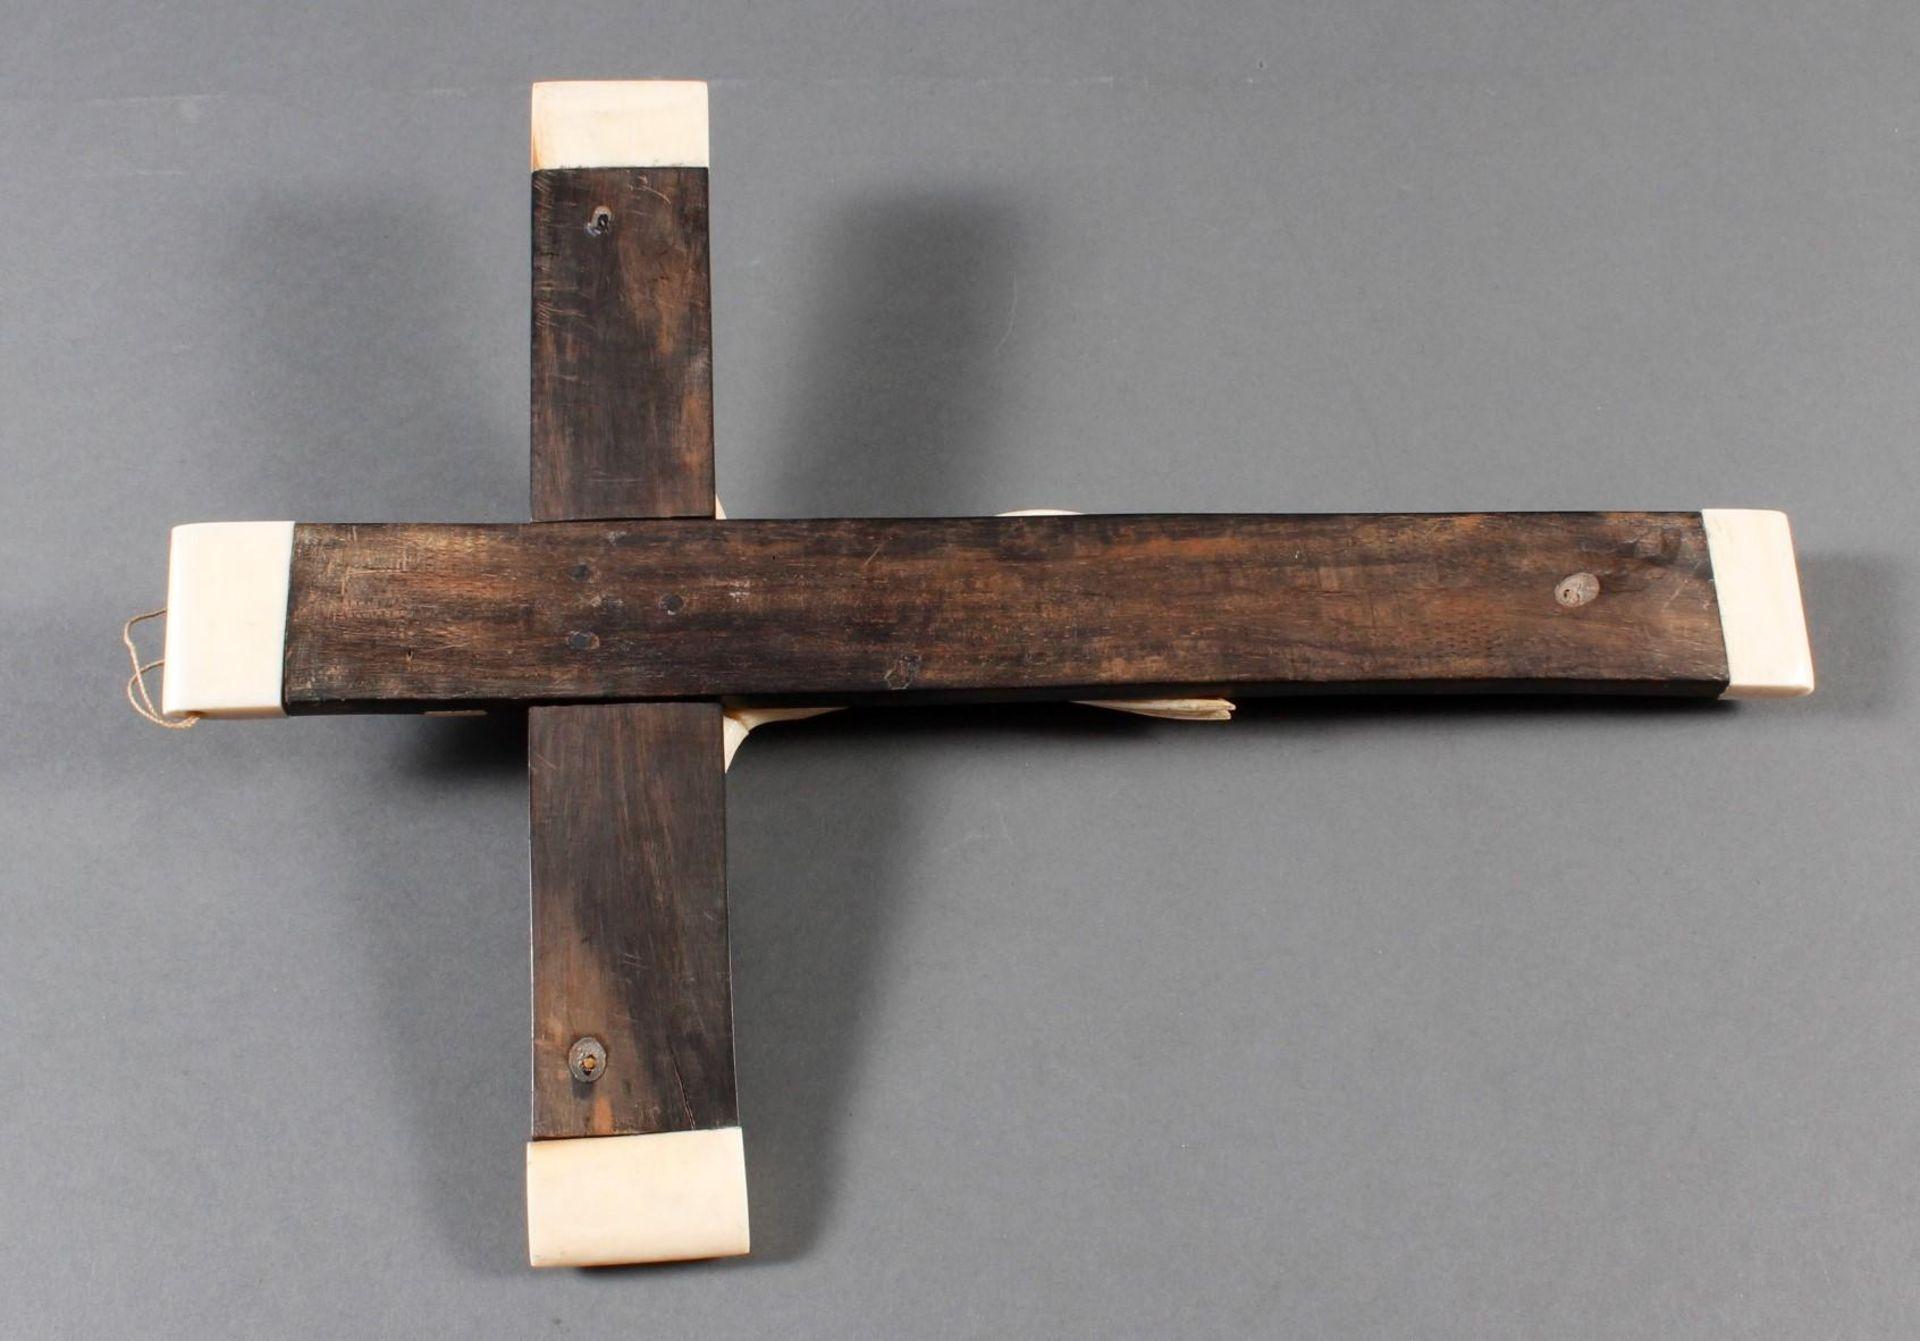 Wandkreuz mit Elfenbein-Korpus, wohl Frankreich um 1900 - Bild 7 aus 8